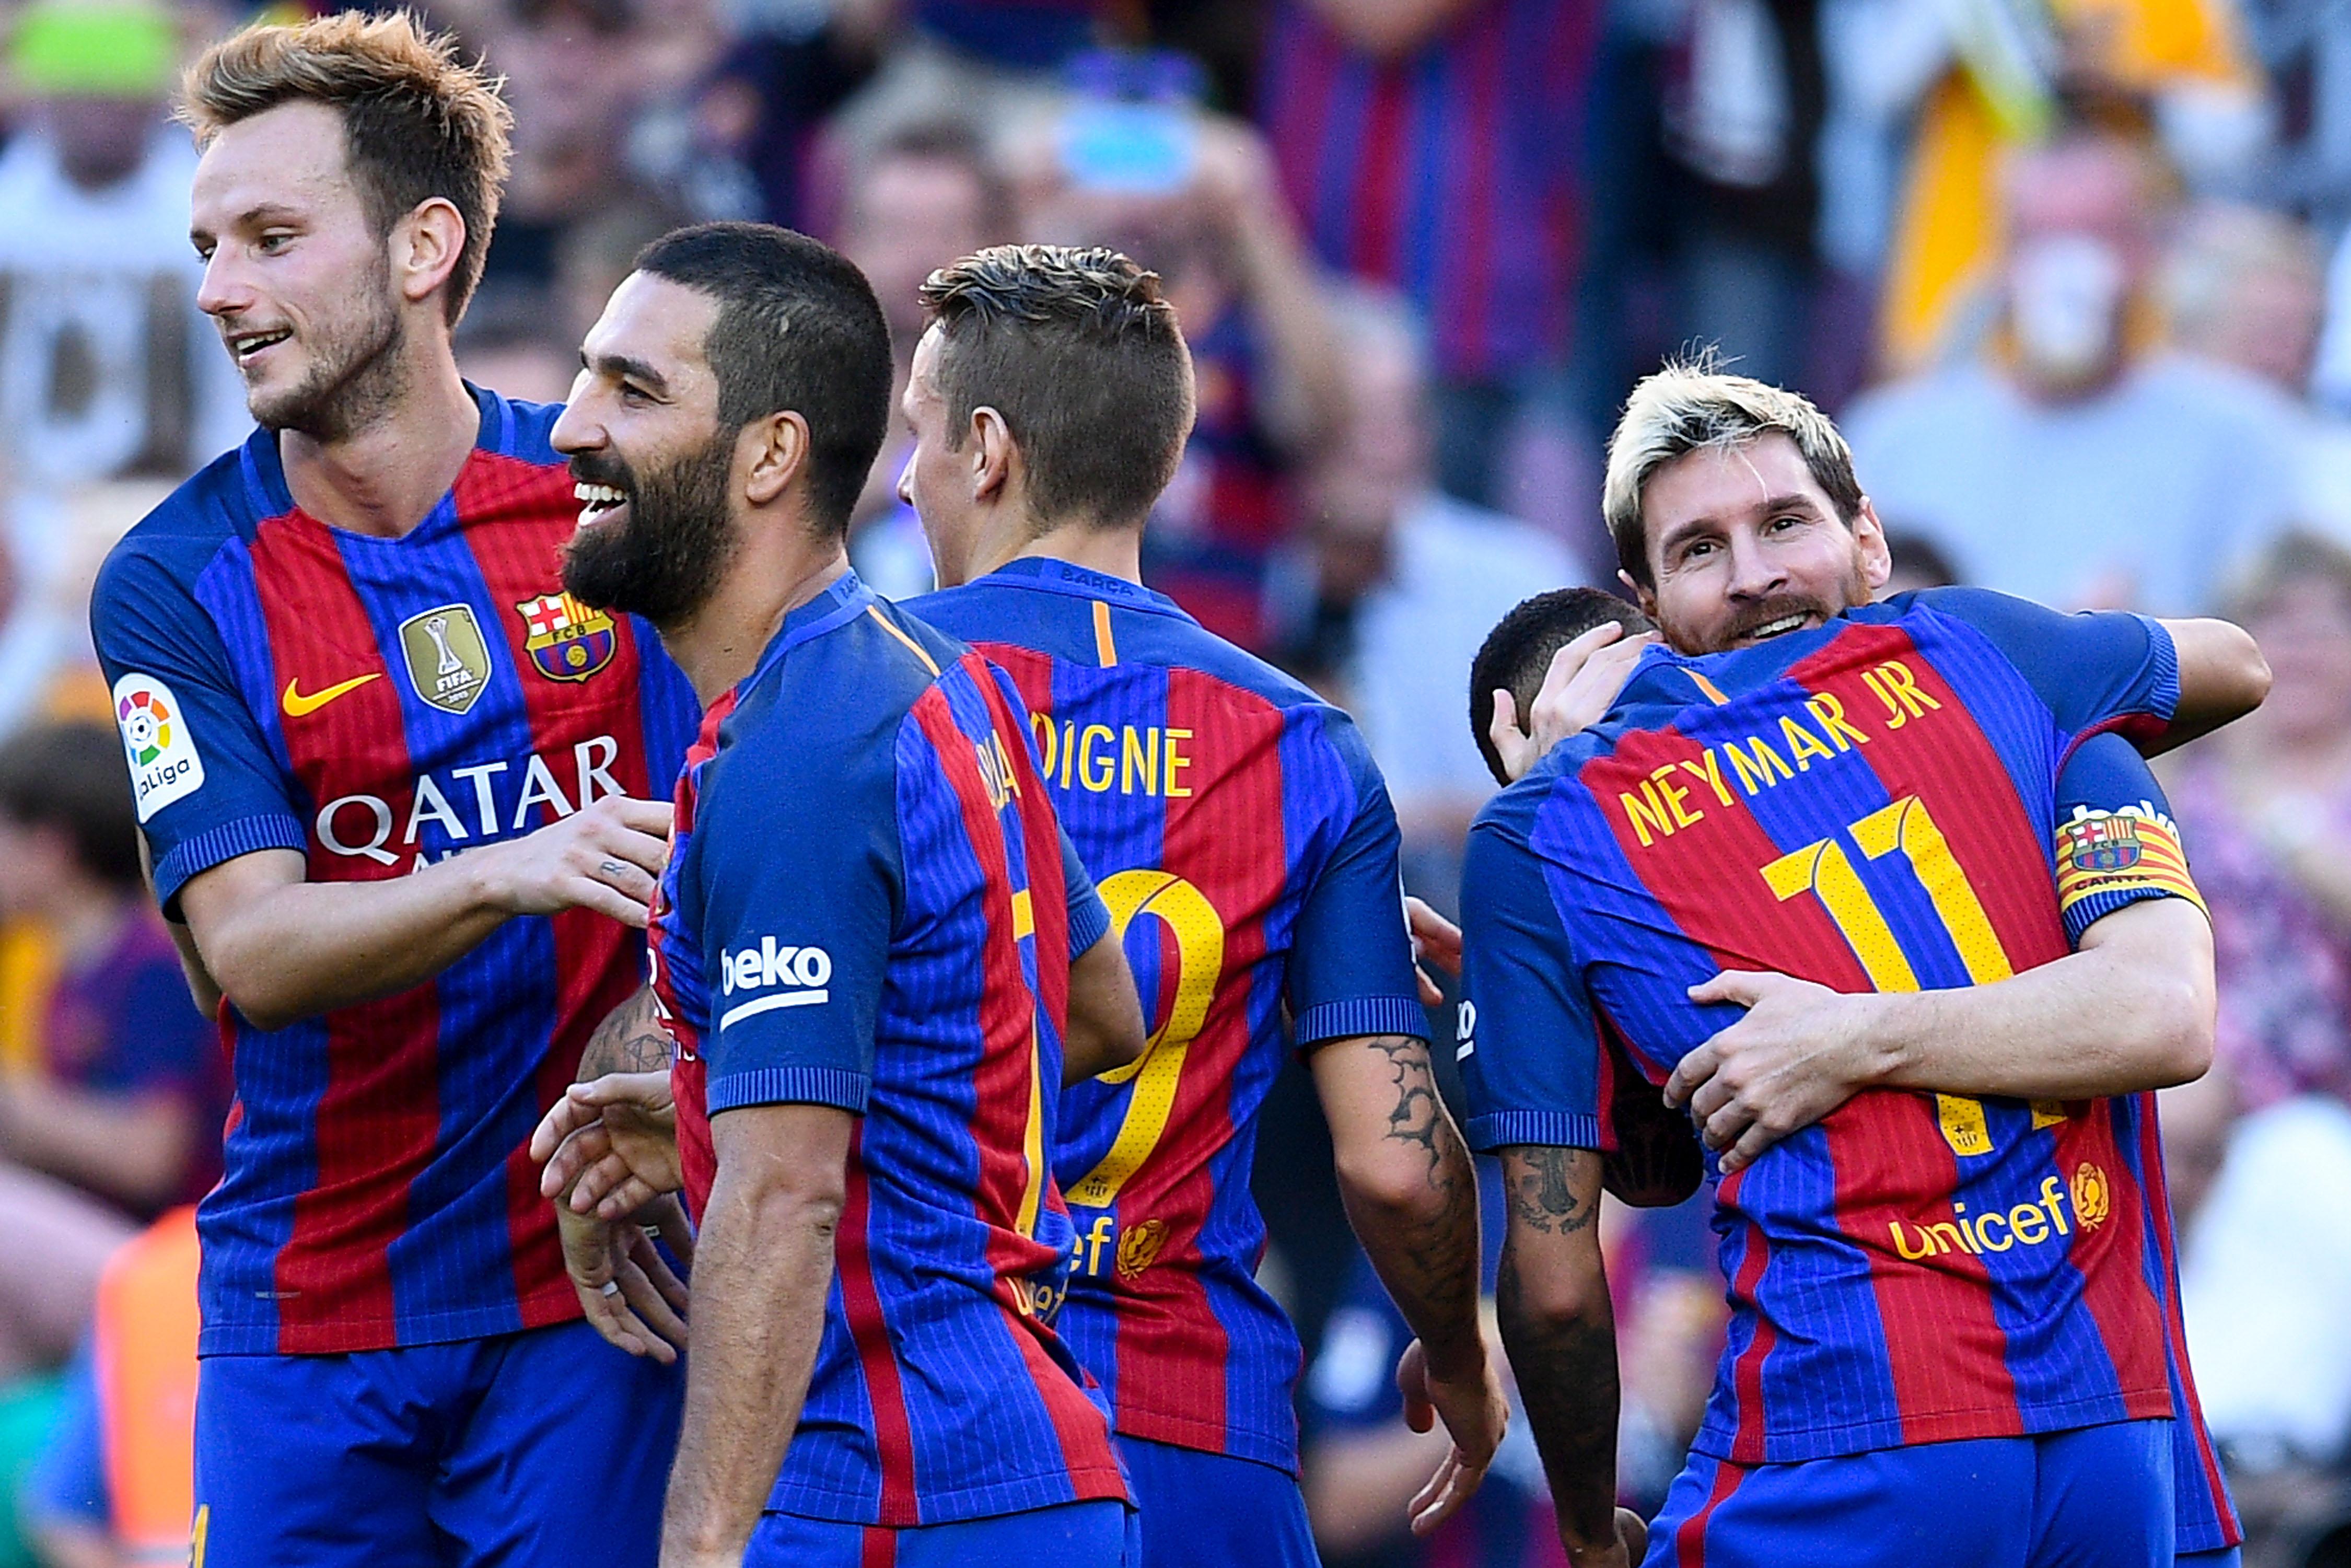 Барселона - Депортиво - 4:0